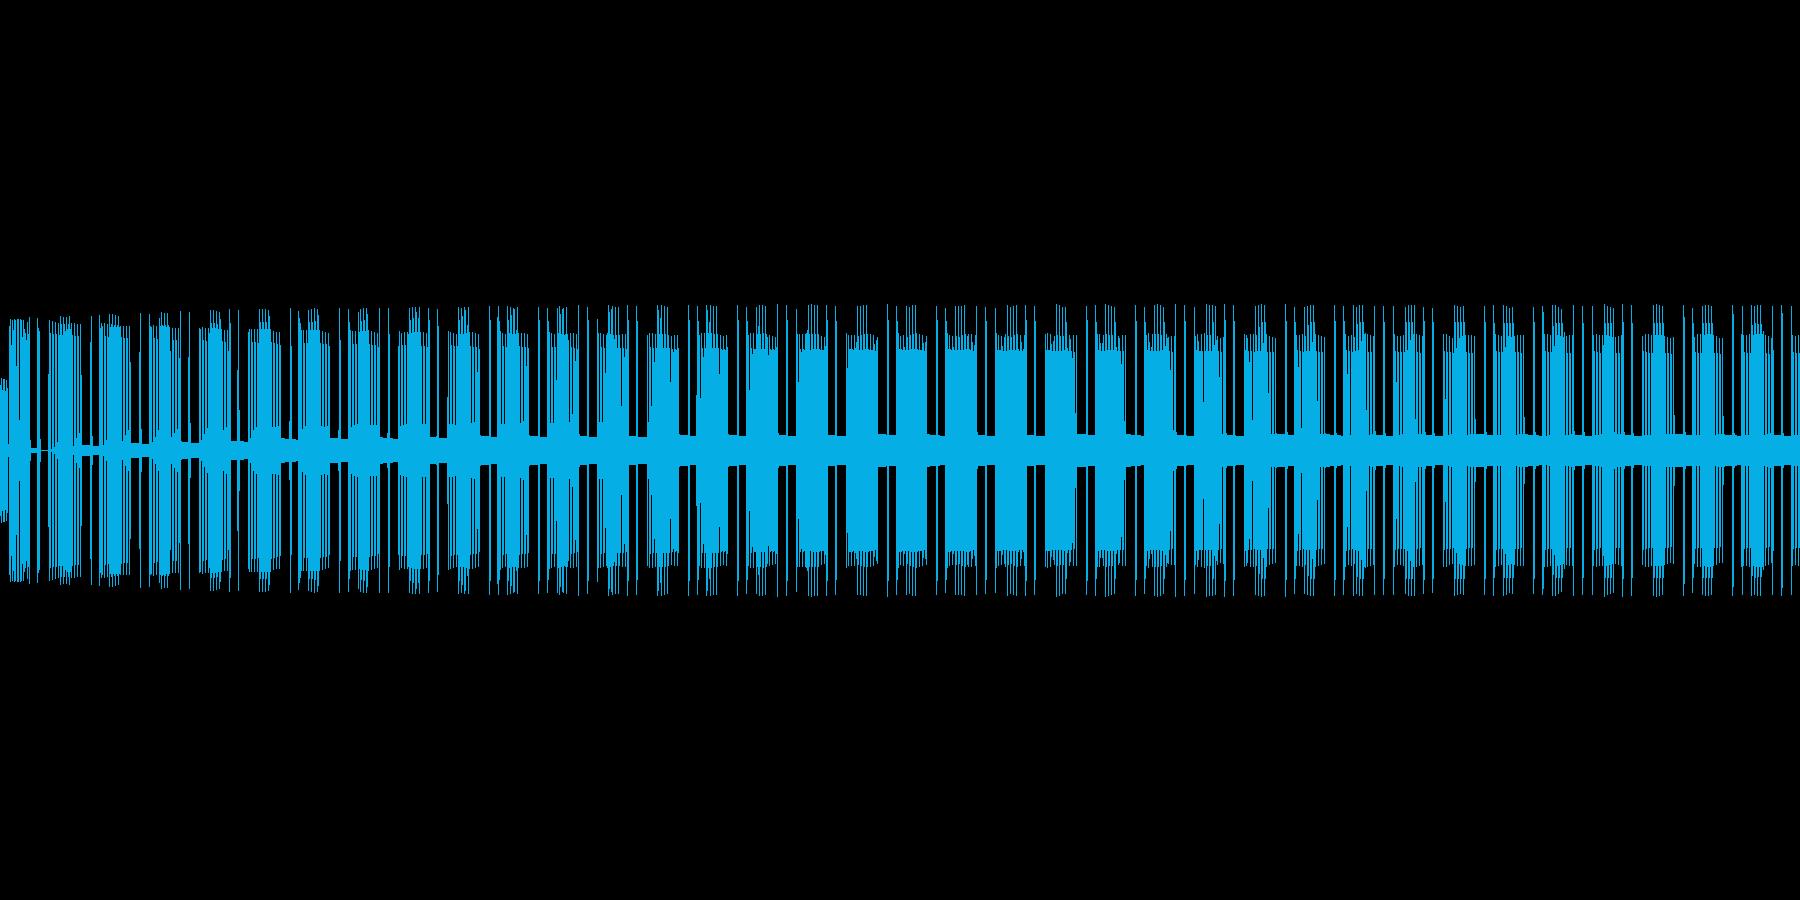 ビー(エラー/警告/アラート/8ビットの再生済みの波形